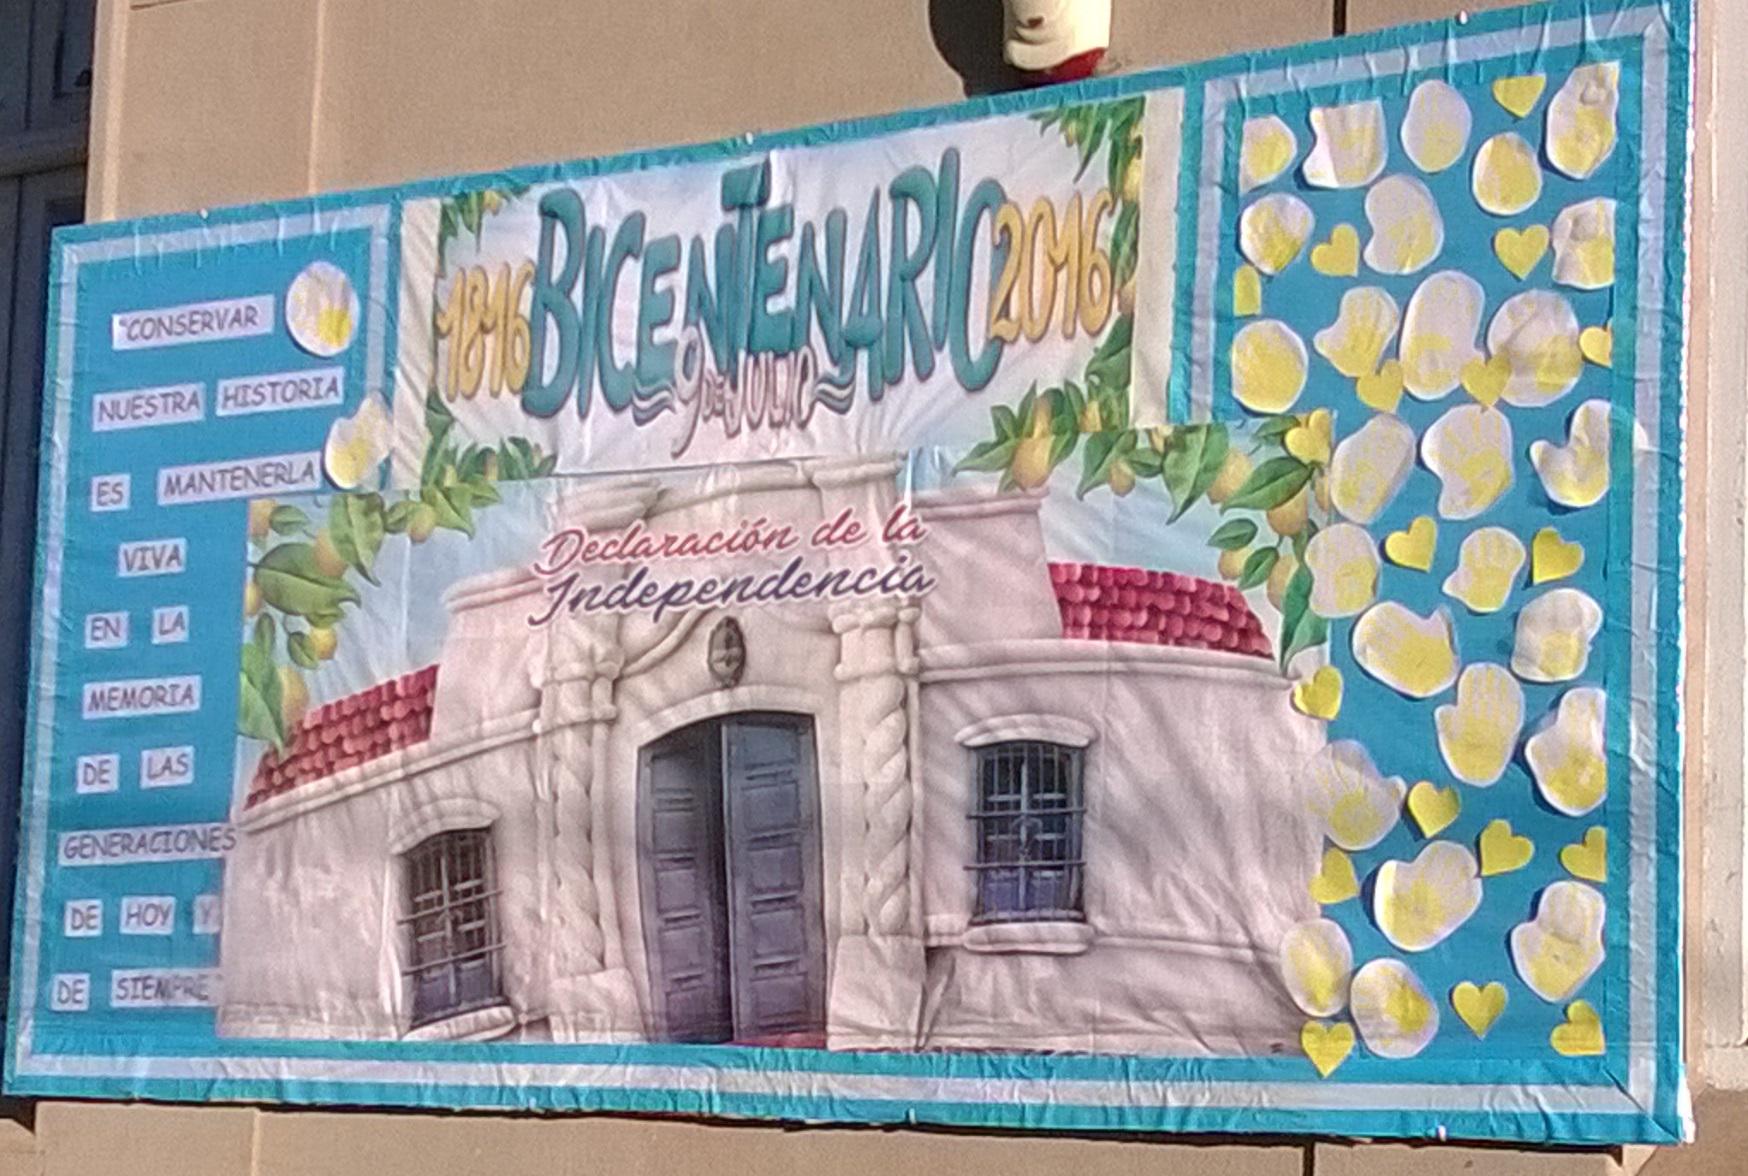 Cartel de la casa de tucumán con motivo del bicentenario de la independencia